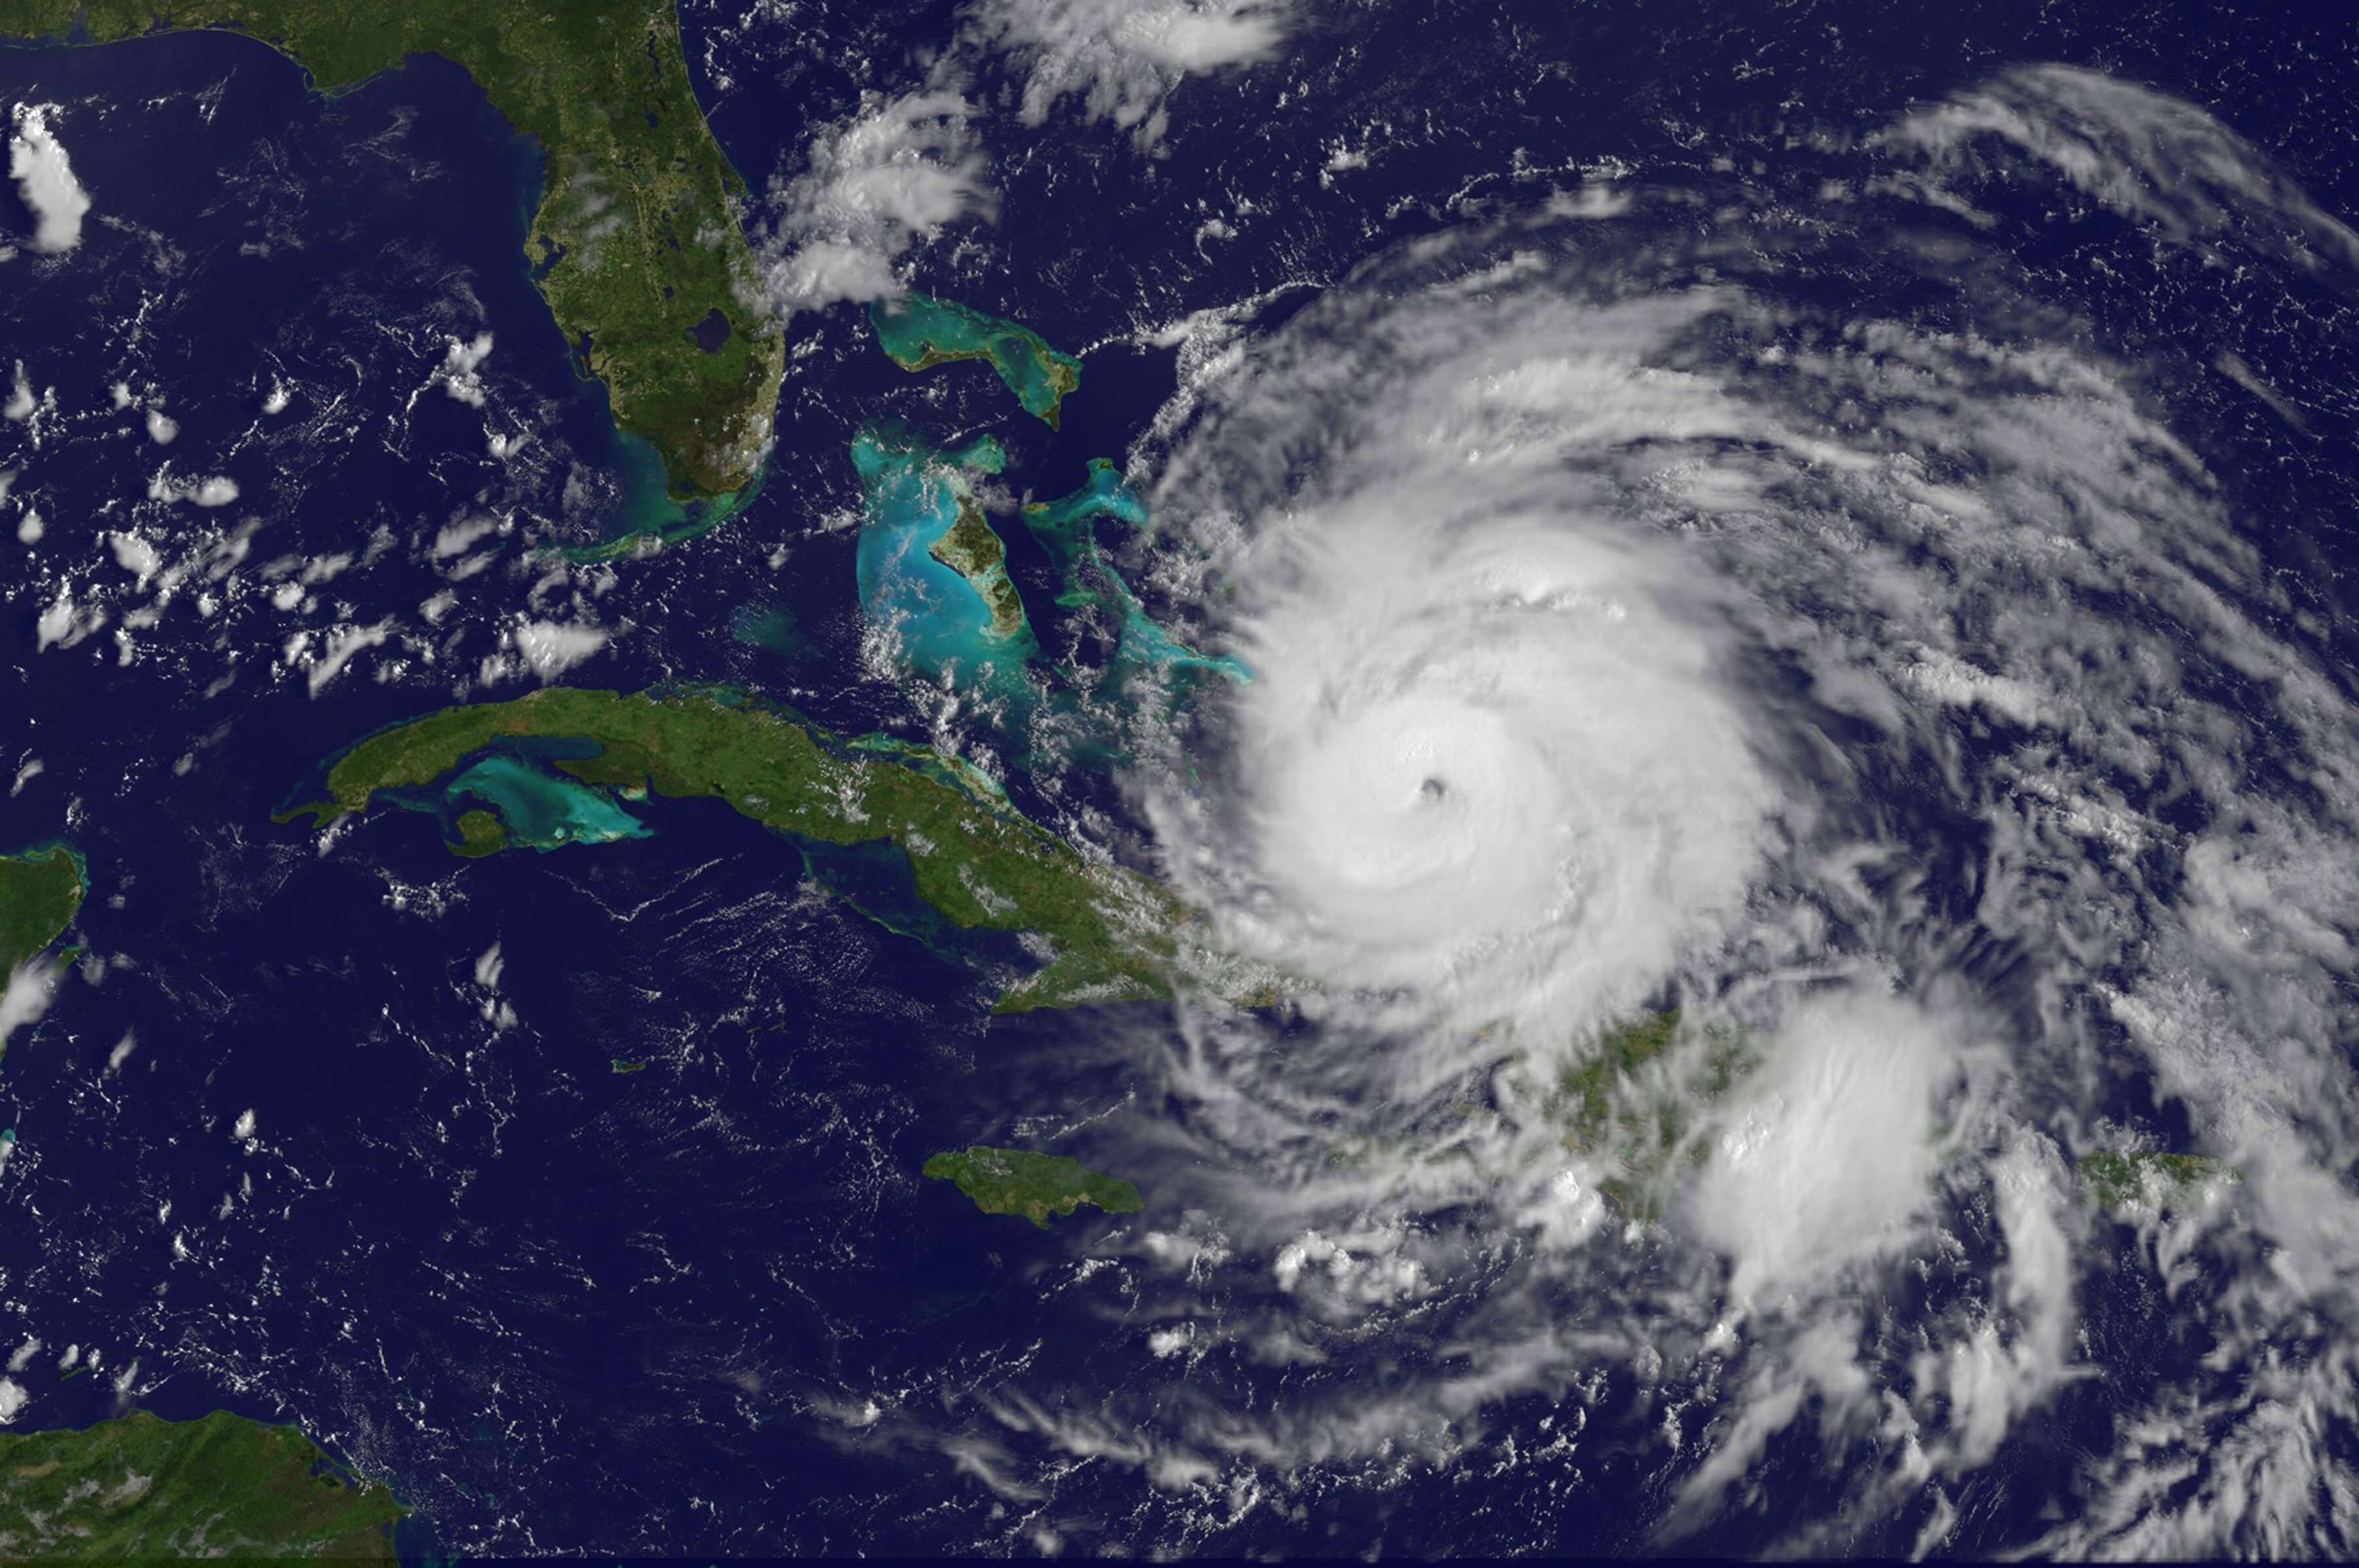 Hurricane Irene 8/24/11 midday